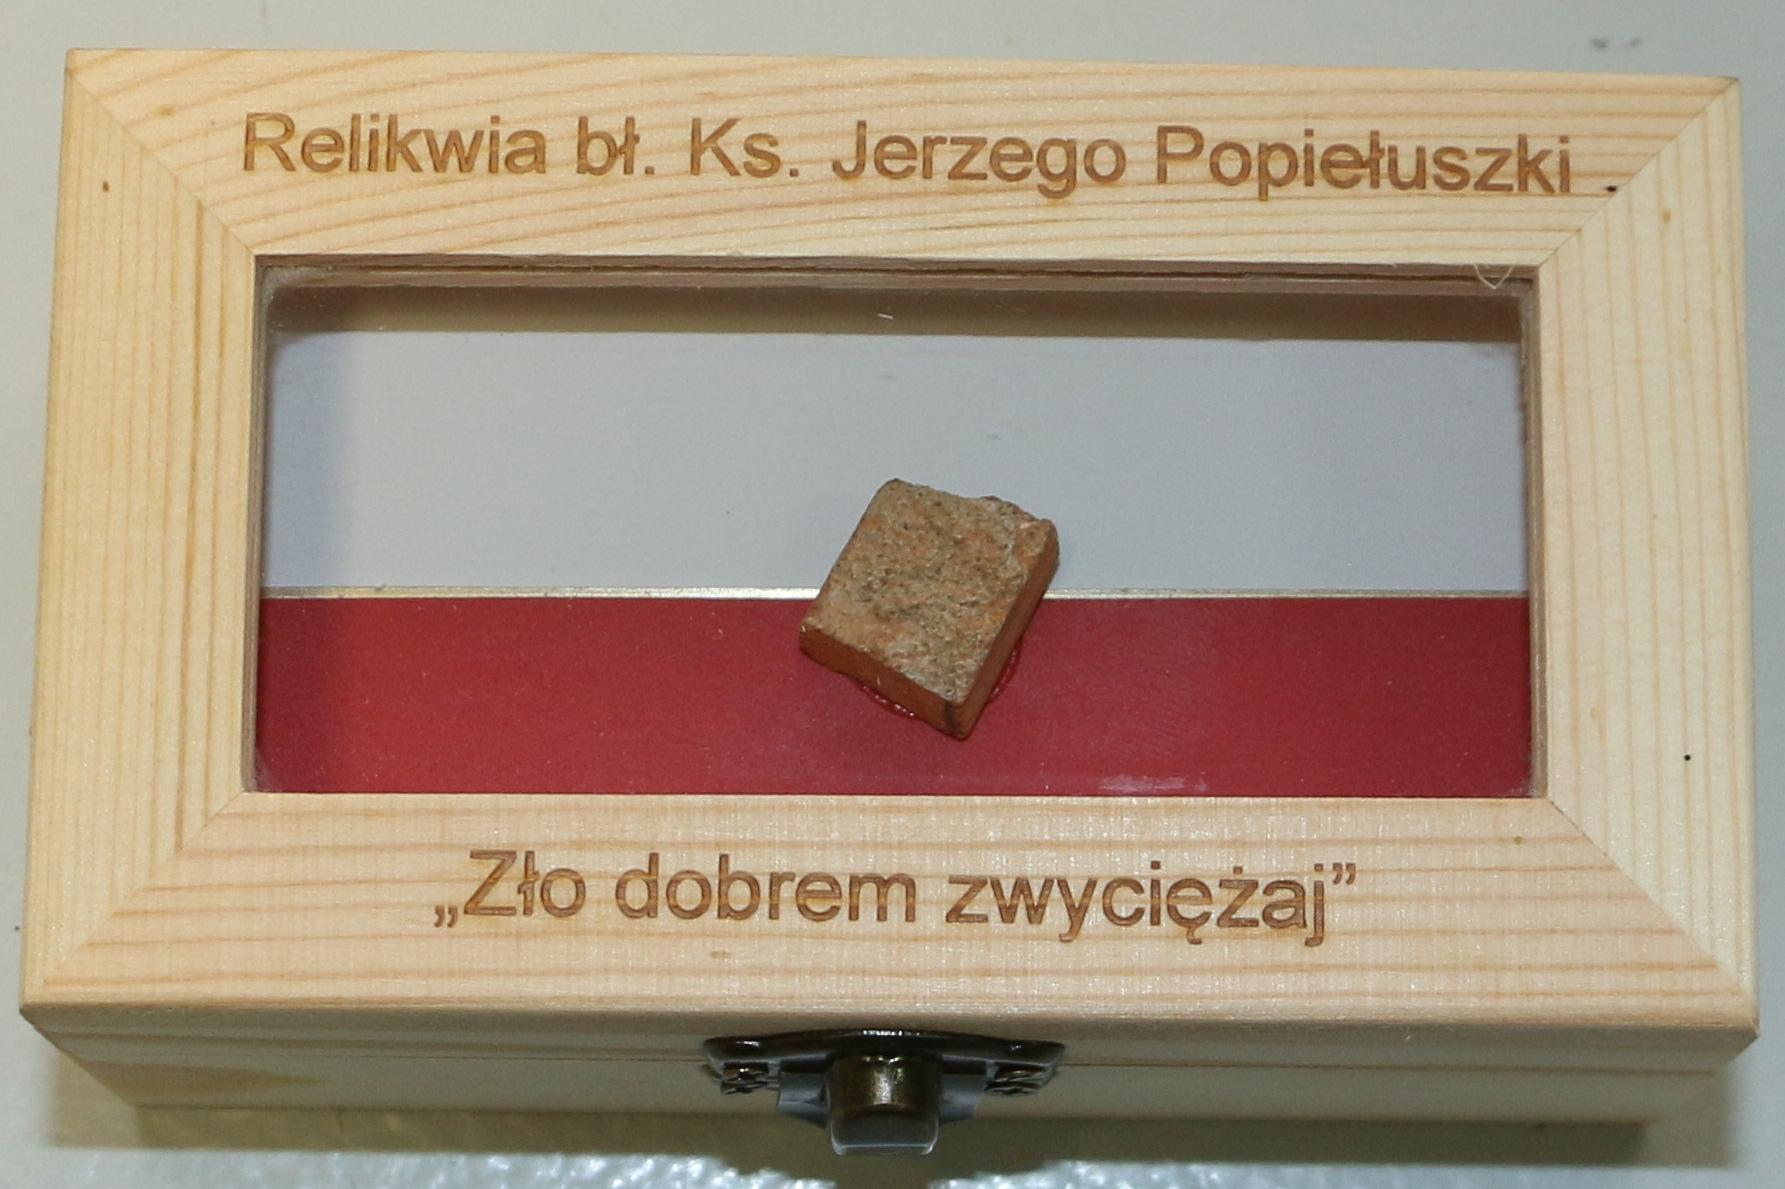 Relikwia bł. ks. Jerzego Popiełuszki